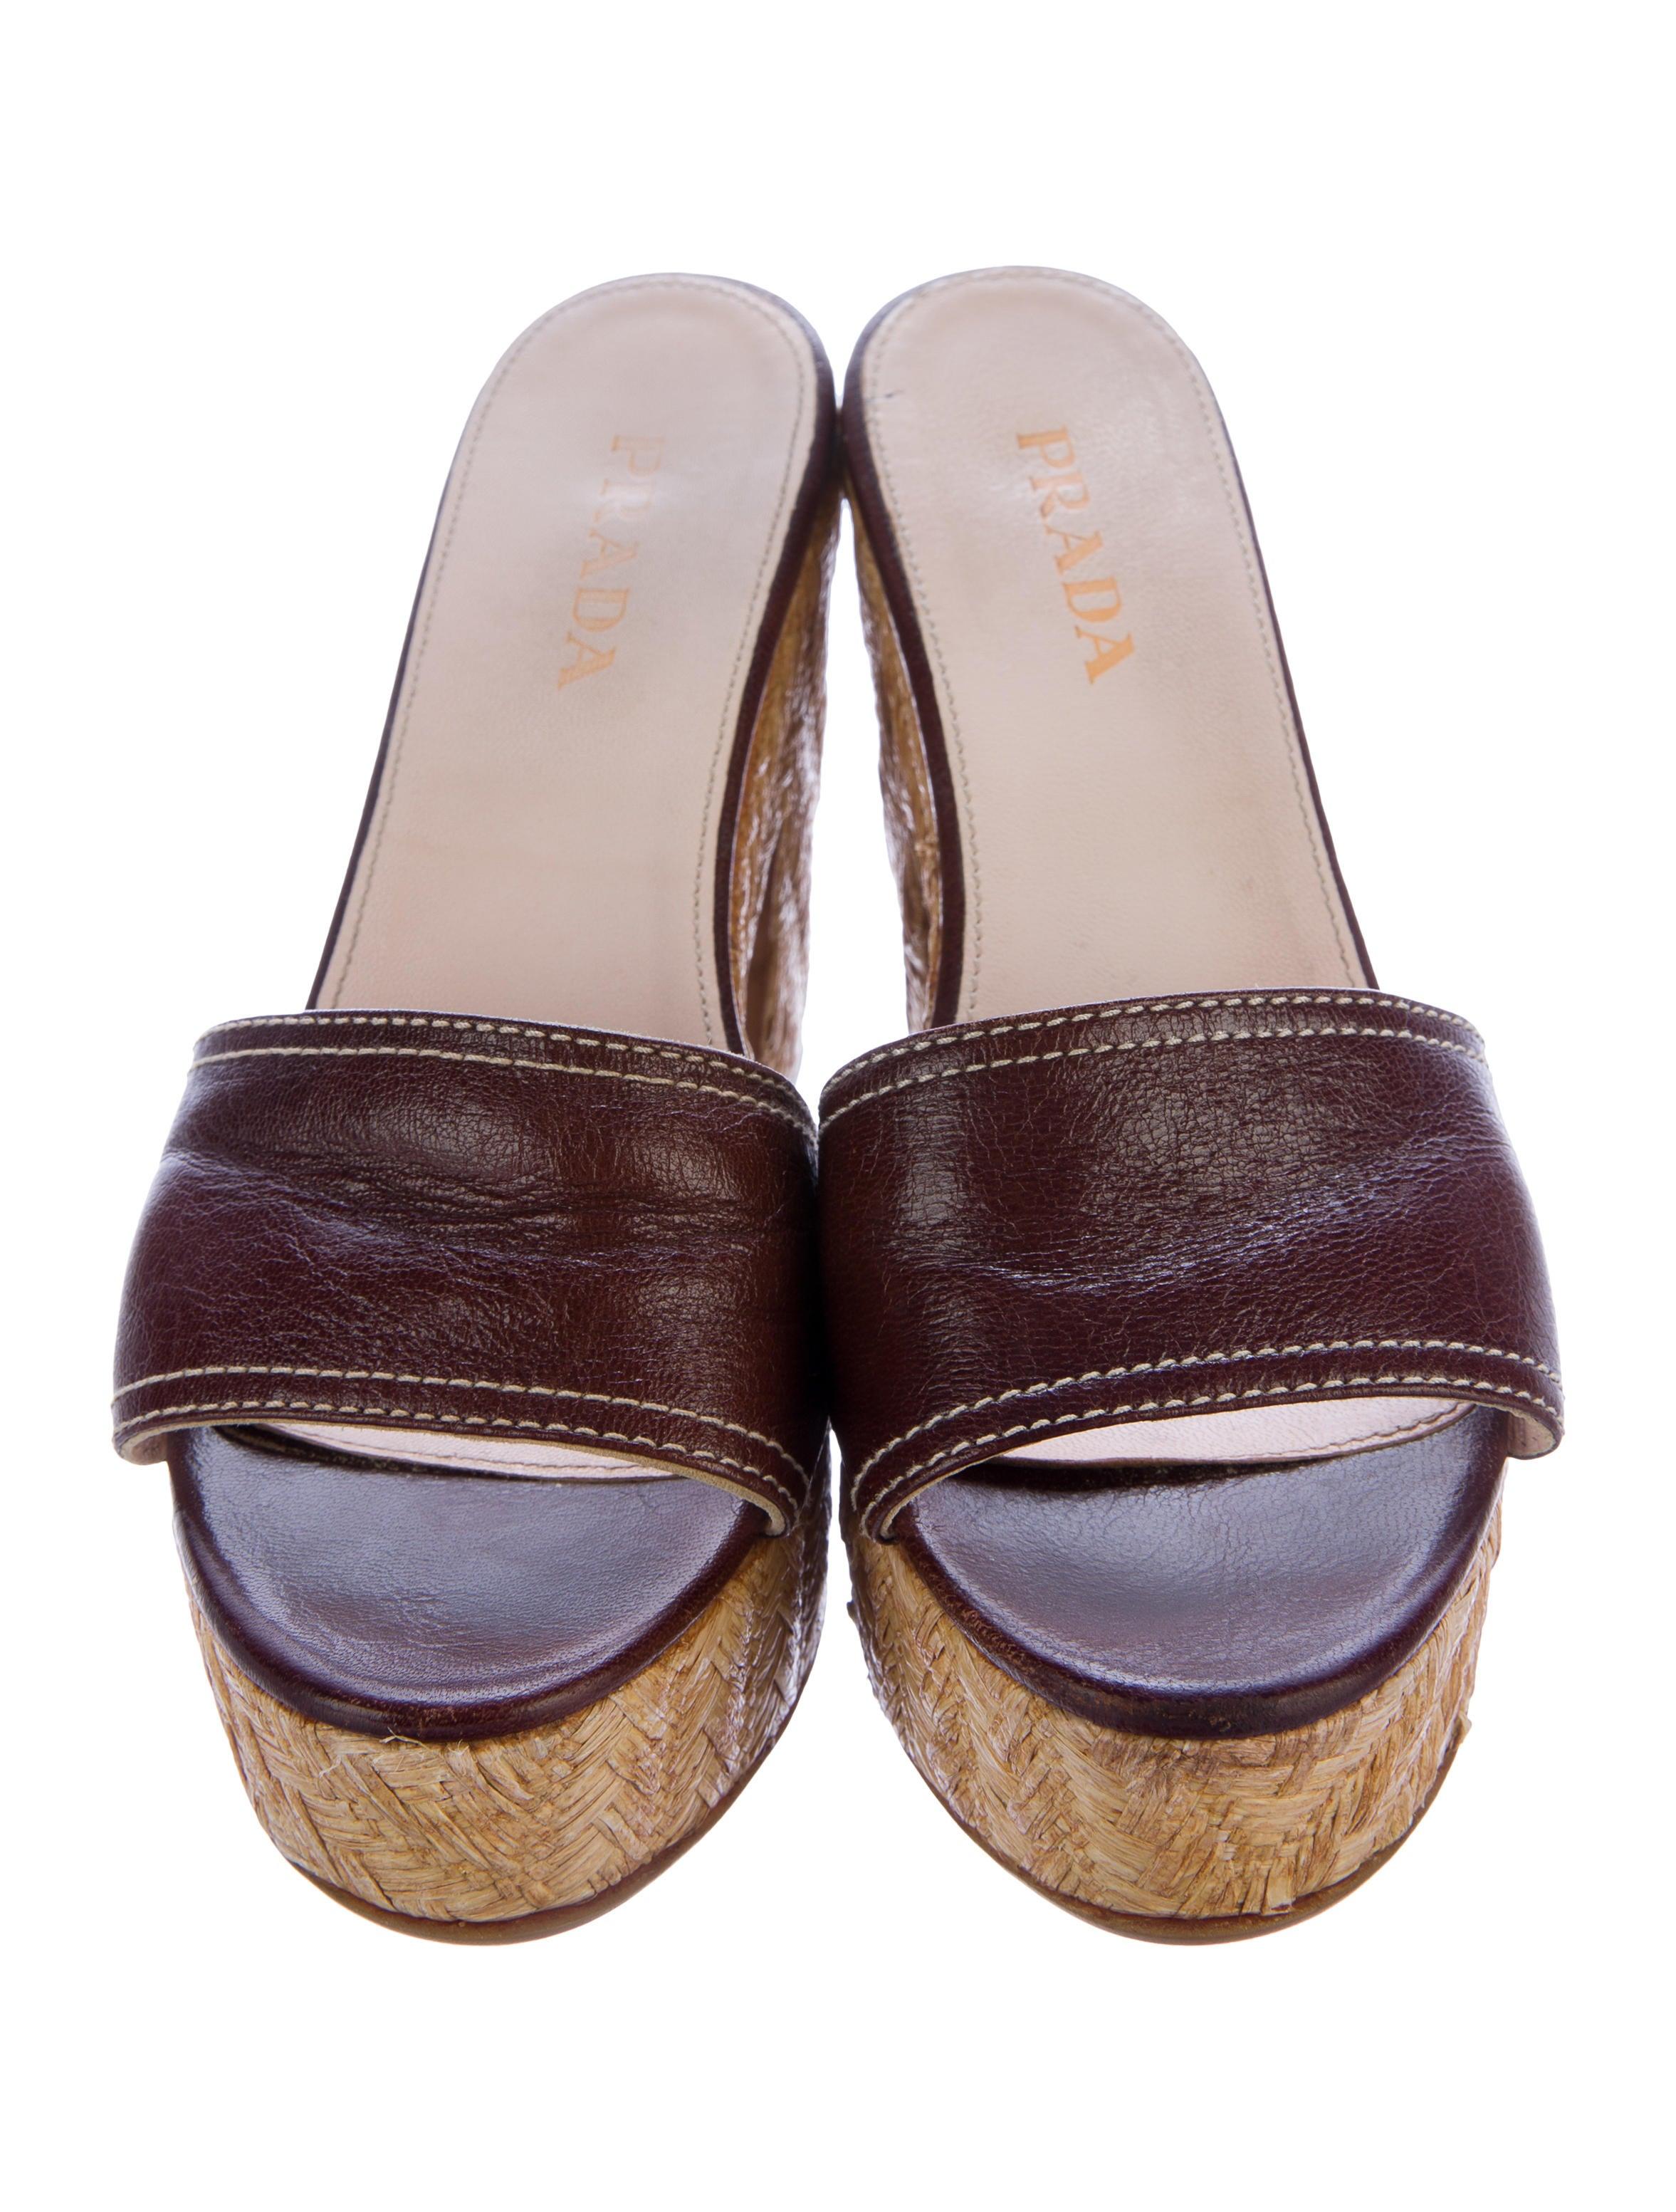 Popular Prada Sandals